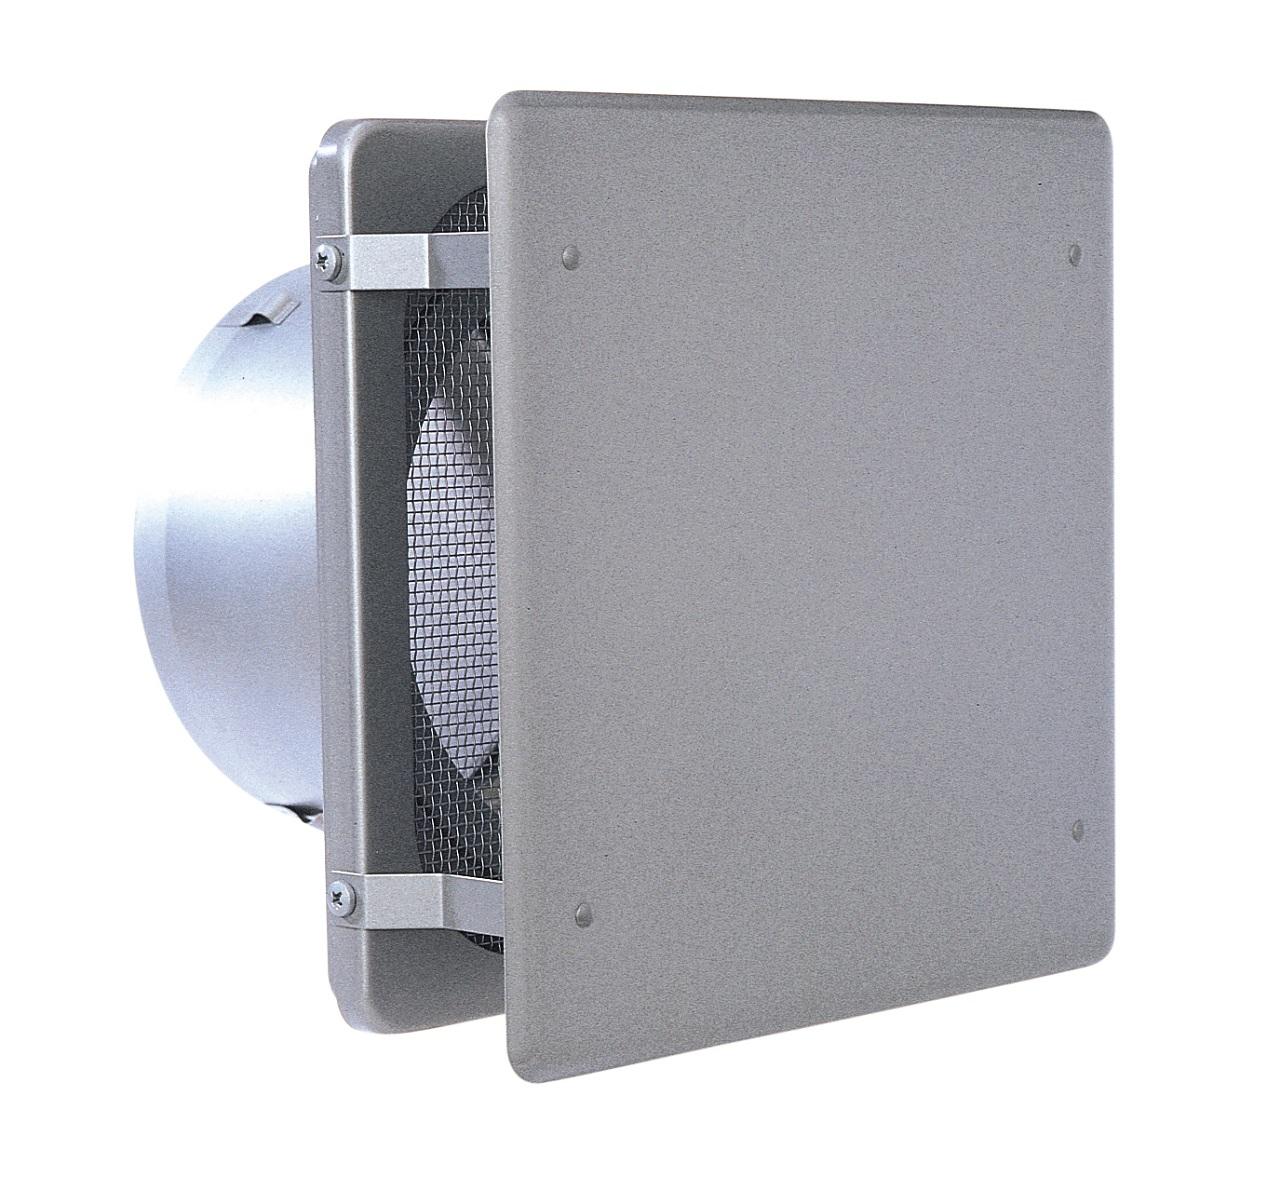 西邦工業 SEIHO KNBD150SC 外壁用ステンレス製換気口 (フラットカバー付換気口) 角金網型10メッシュ フラットカバー付 防火ダンパー付